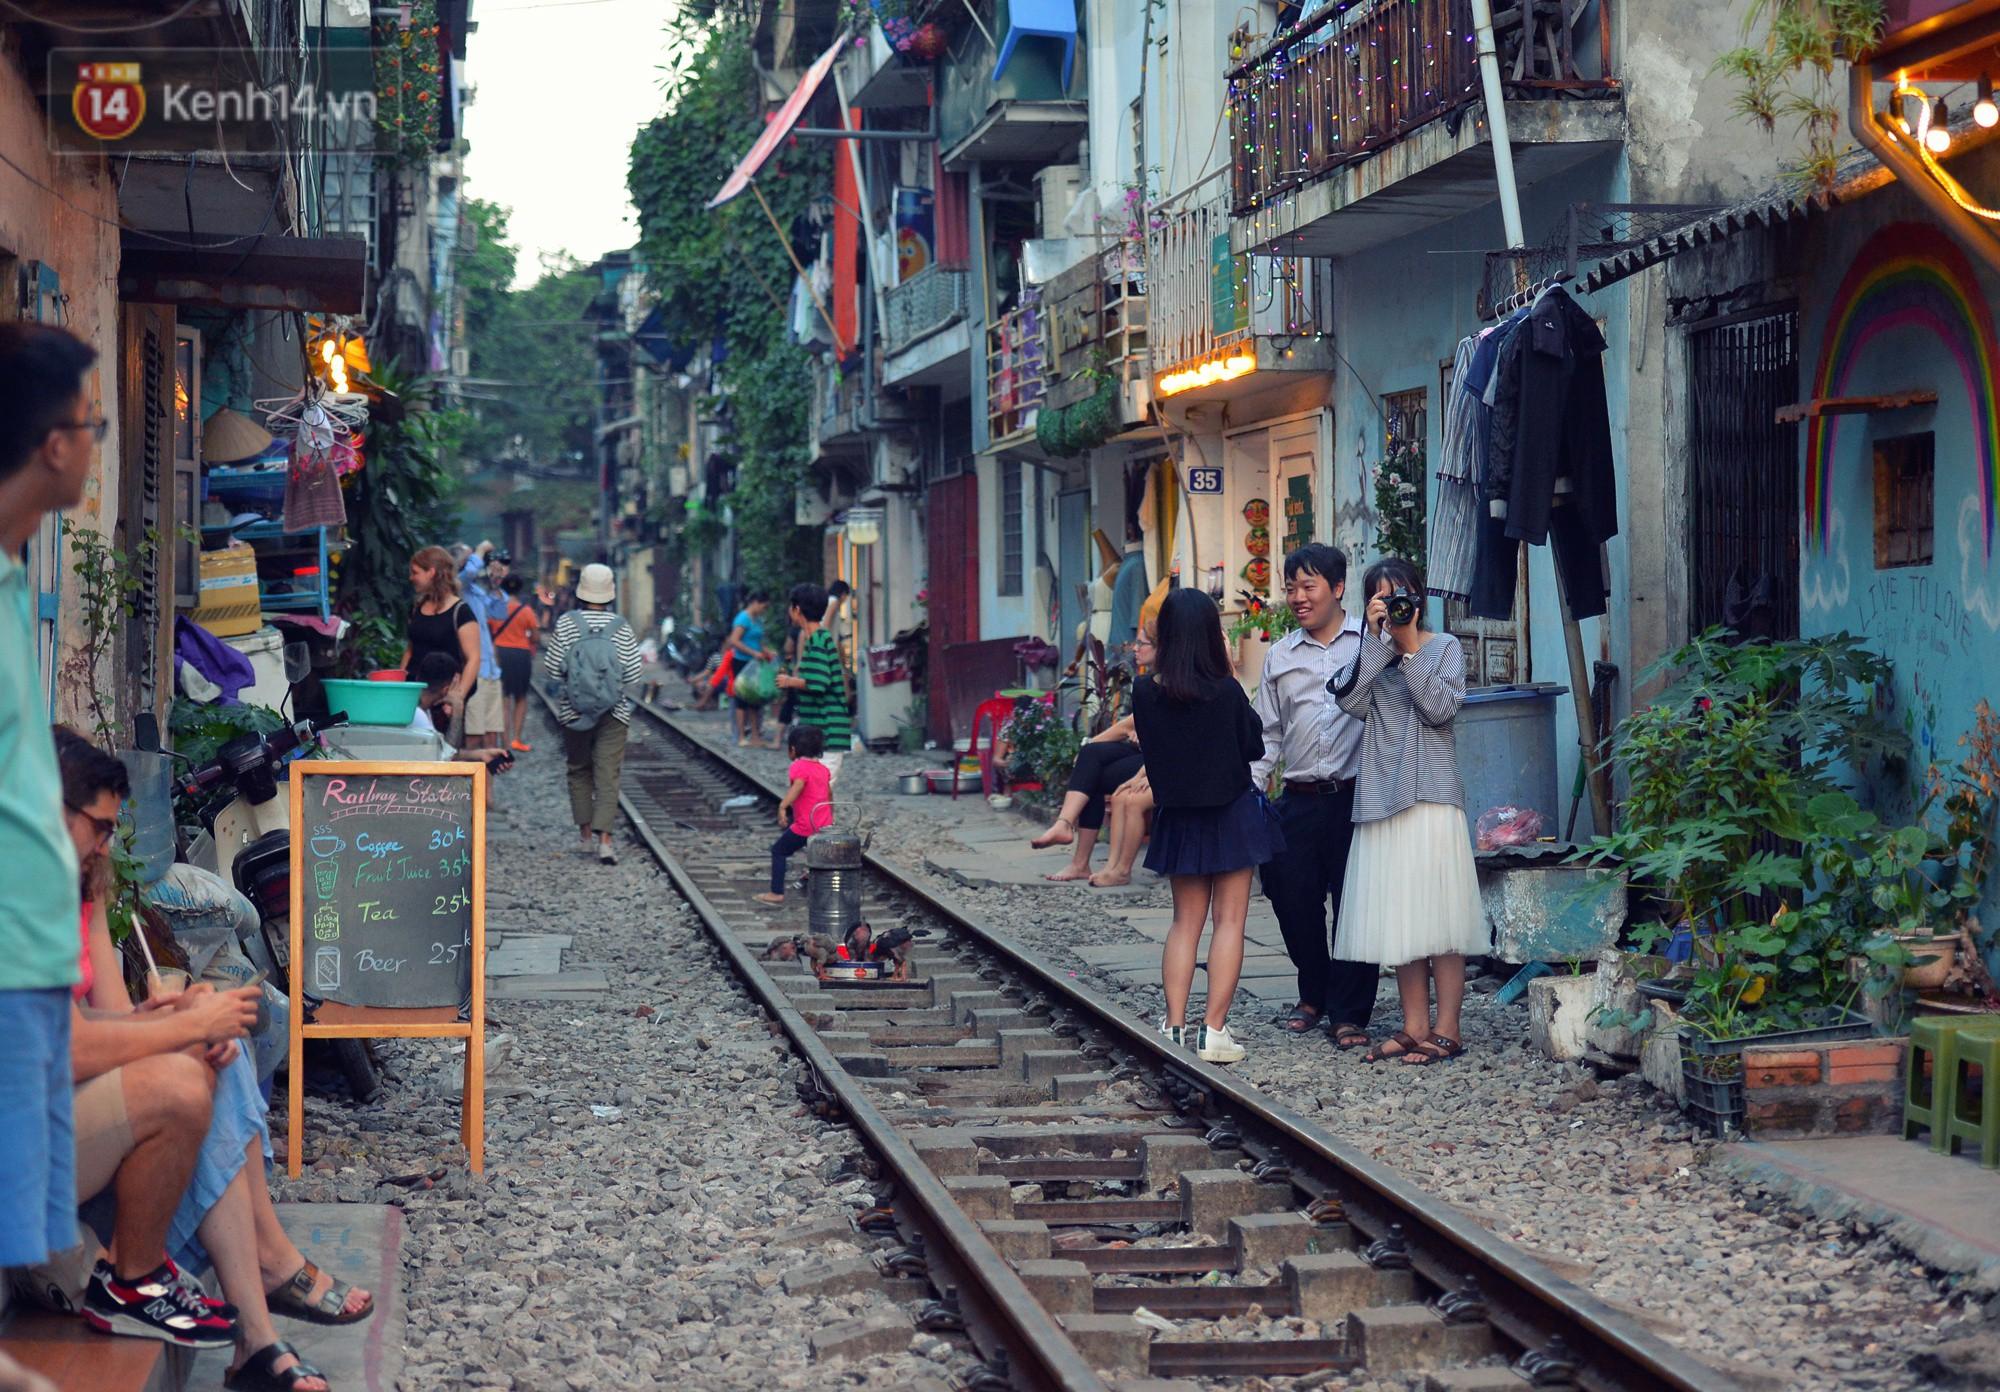 Hà Nội: Xóm đường tàu đẹp không kém làng cổ Thập Phần, Đài Loan - Ảnh 1.